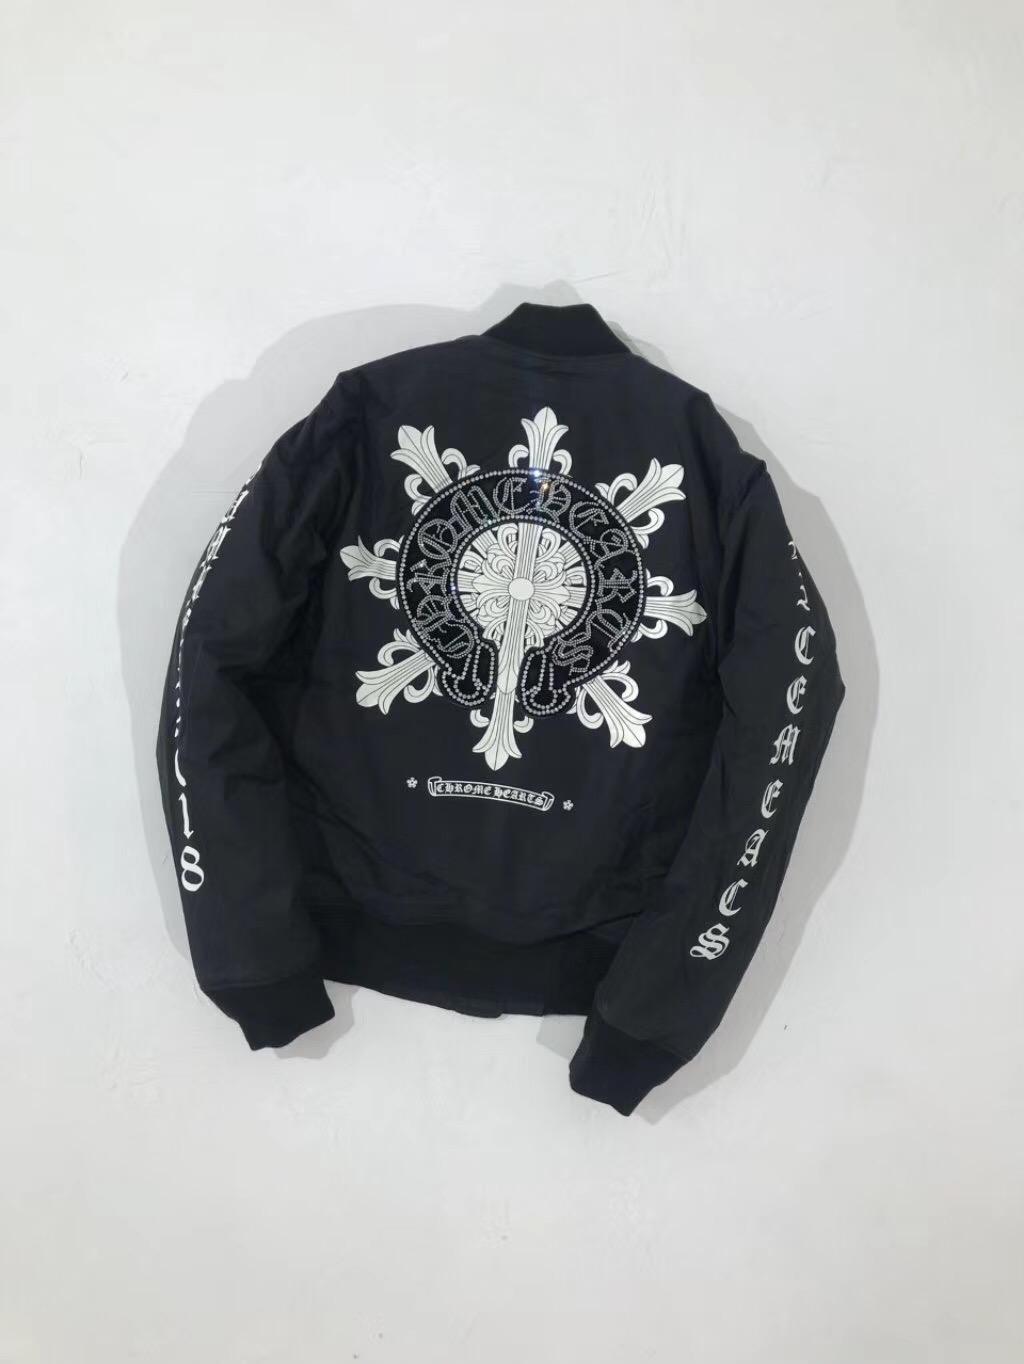 クロムハーツ メンズ ジャケット ブランドスーパーコピー 代金引換国内 最新入荷